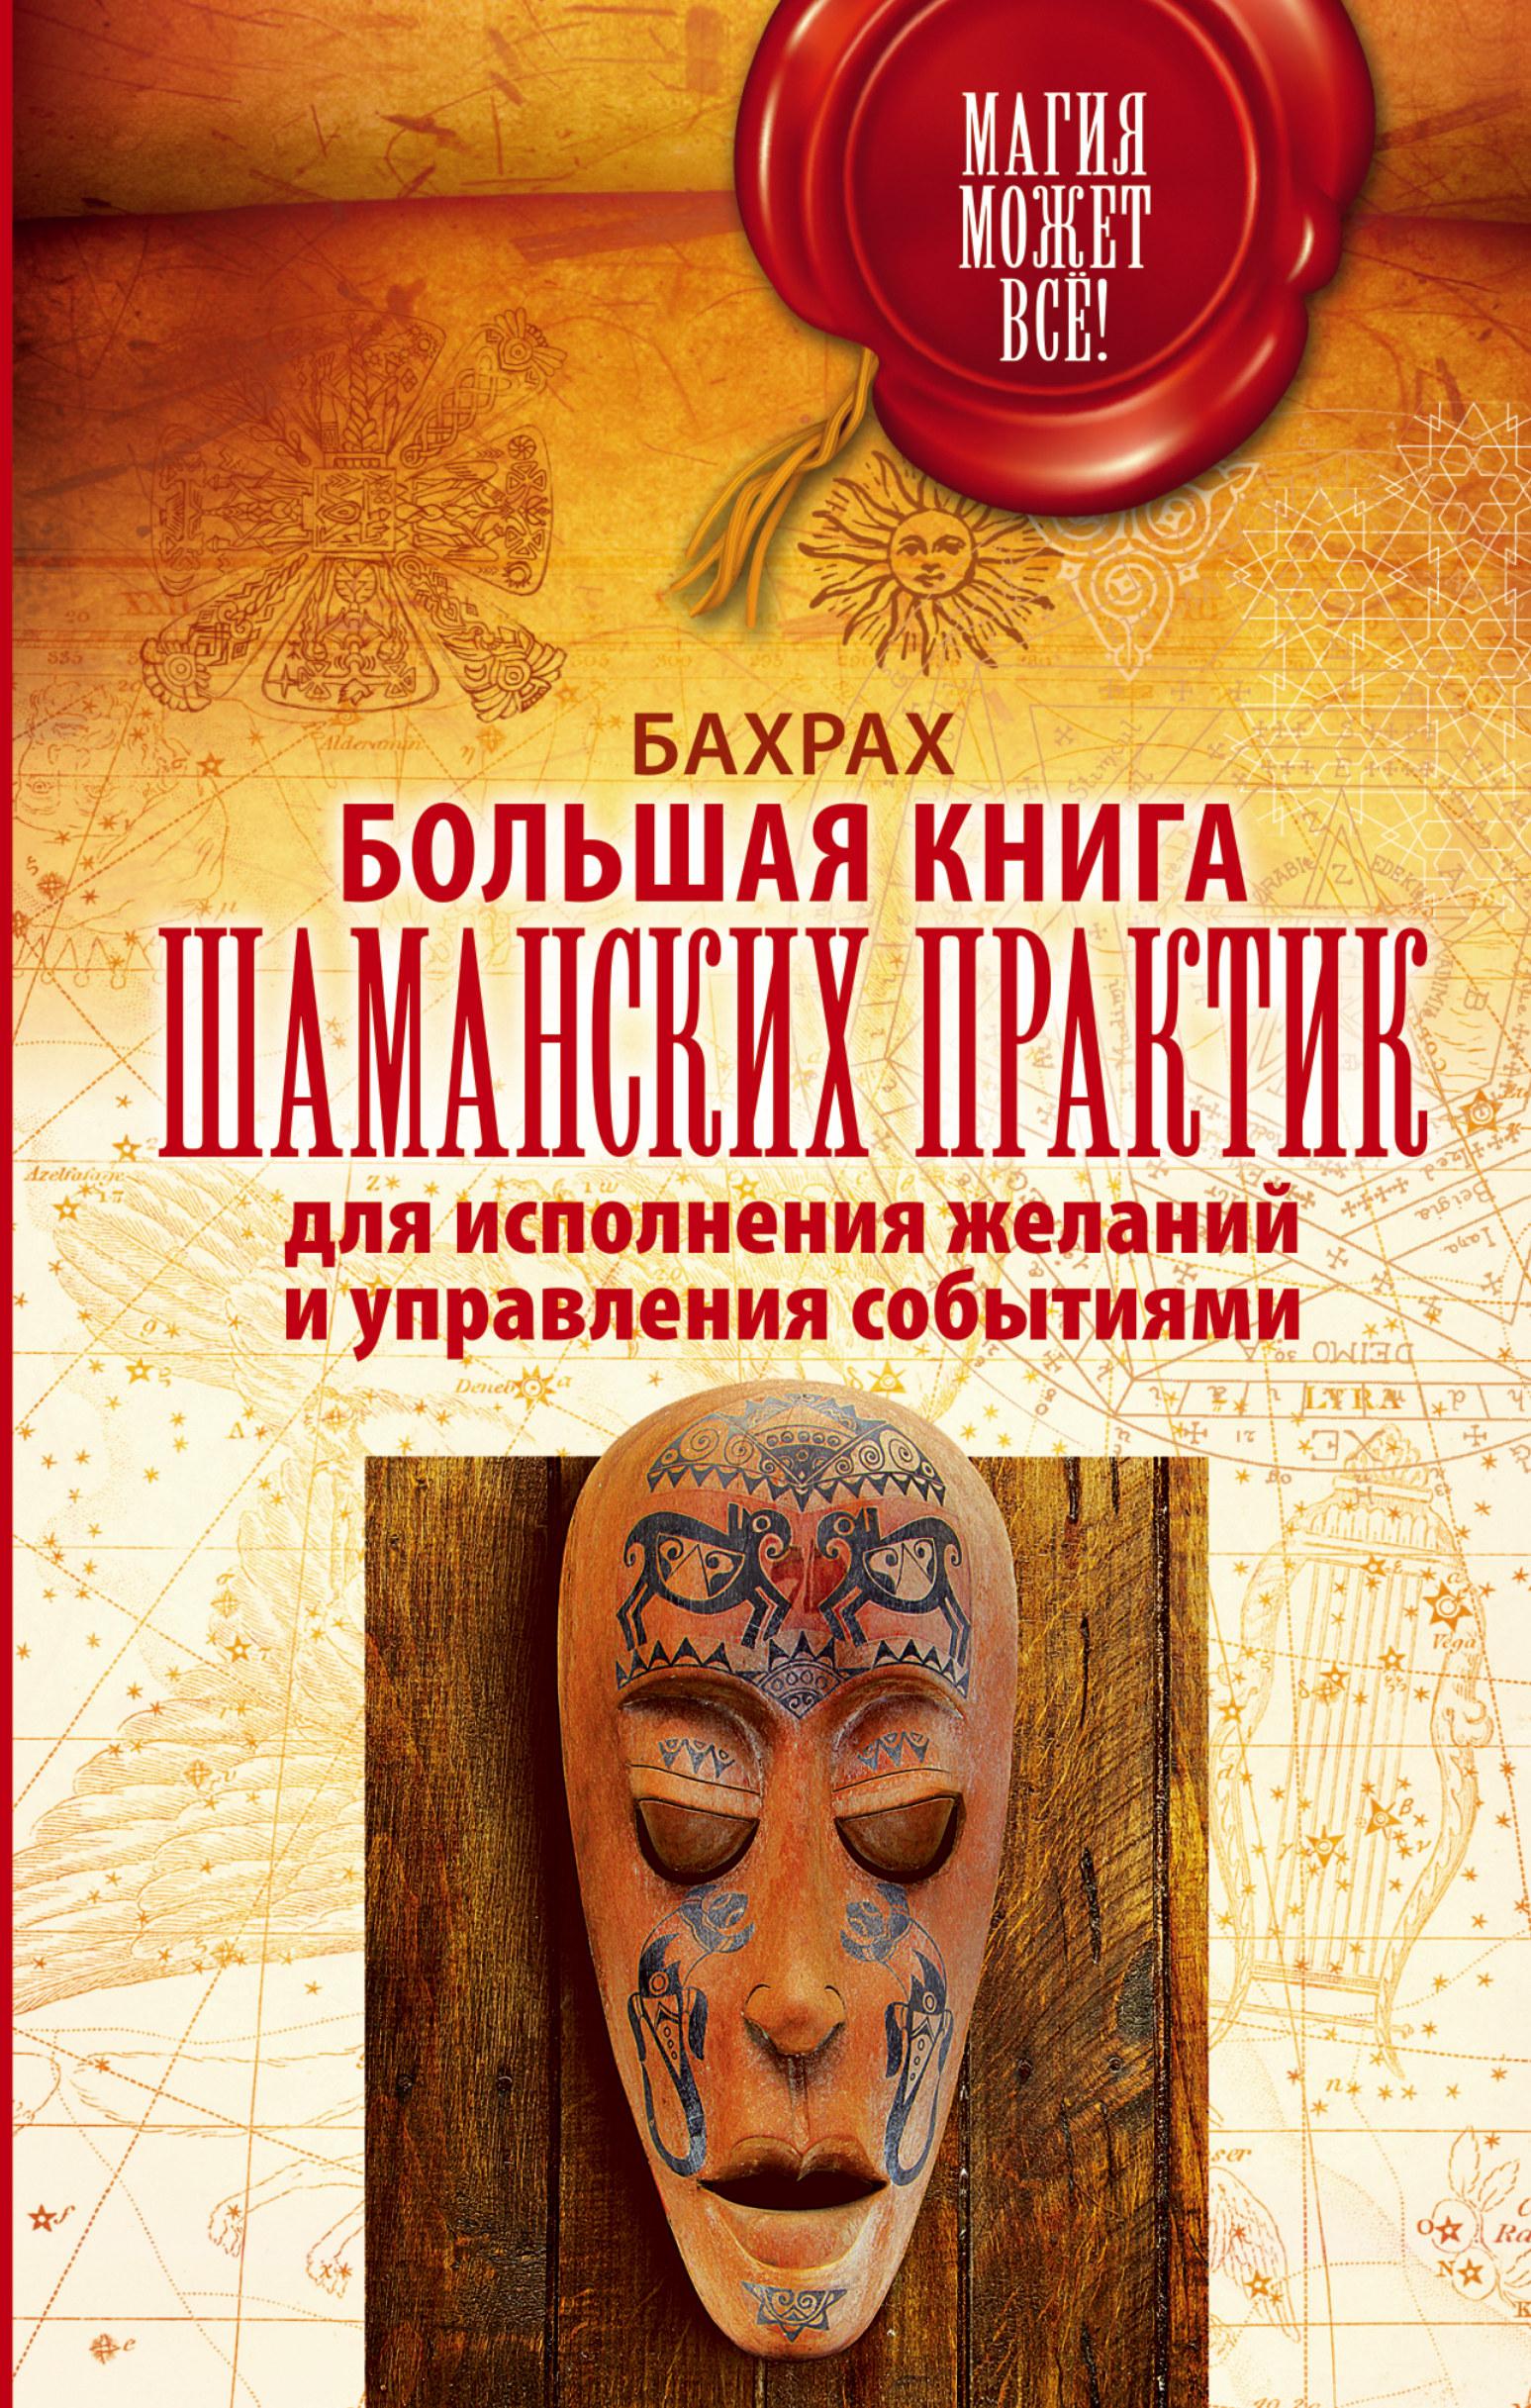 Большая книга шаманских практик для исполнения желаний, управления событиями